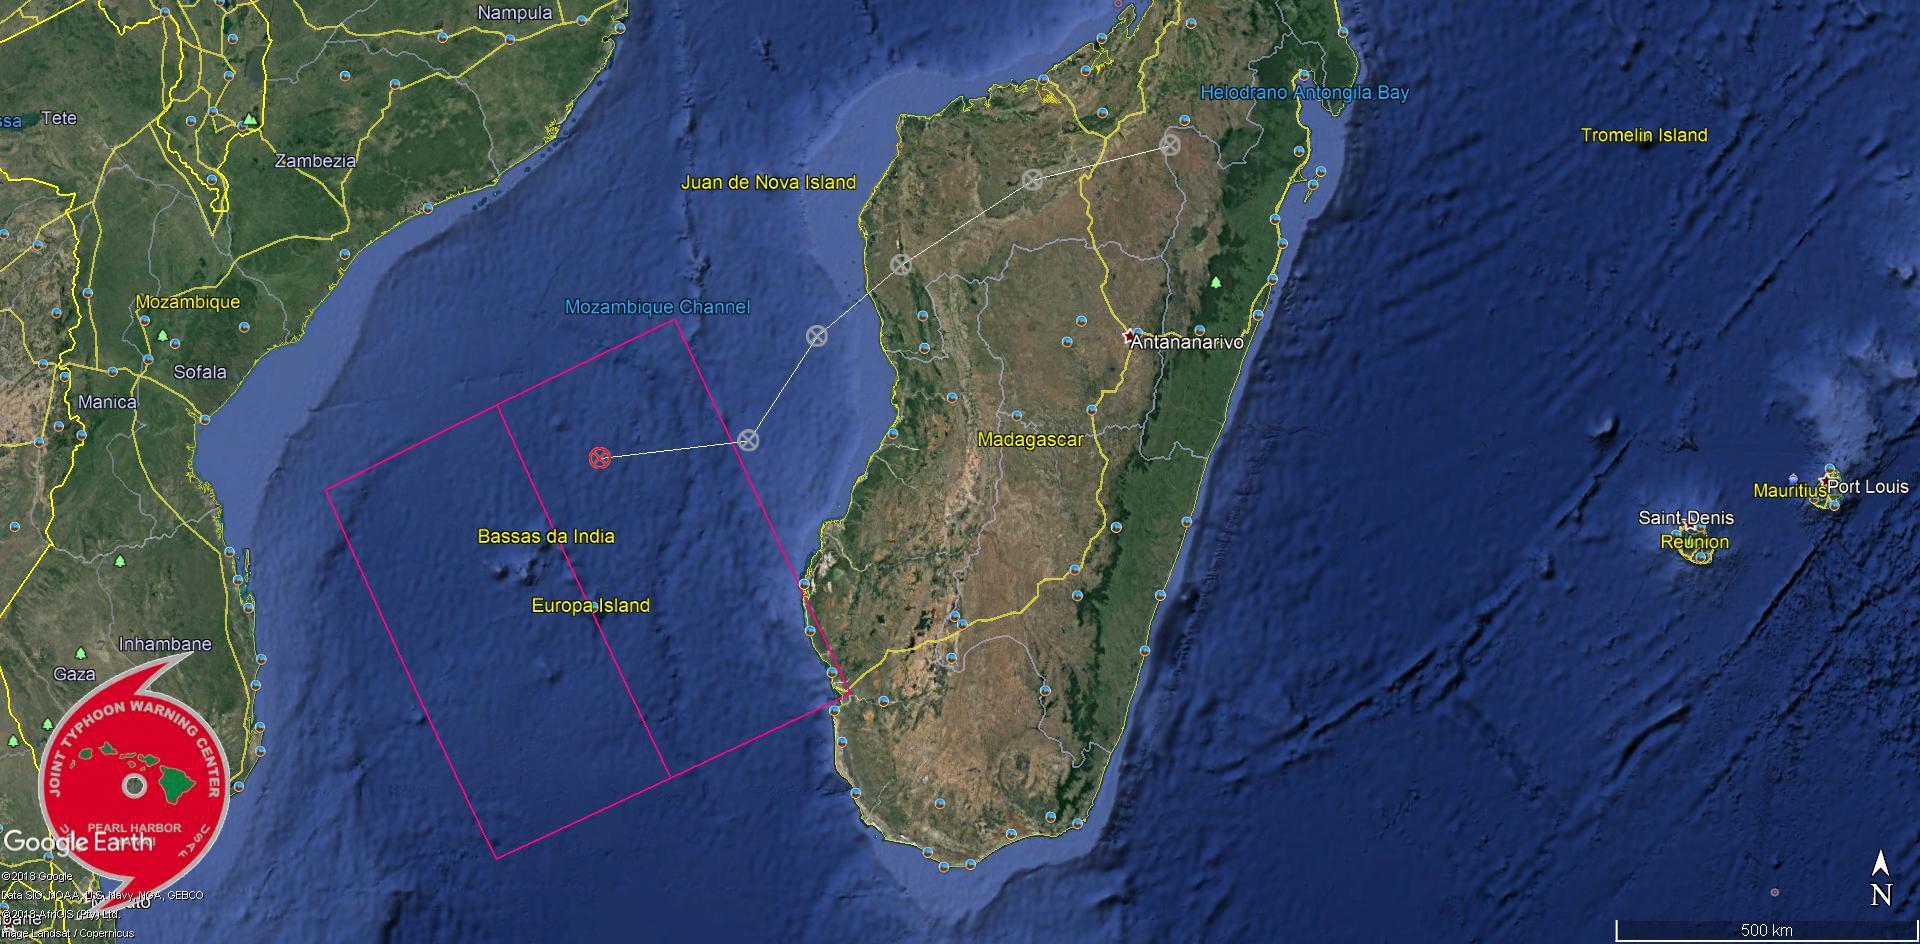 93S: le système s'est déplacé vers l'ouest au cours des dernières heures mais il est probable qu'il infléchisse vers le sud.